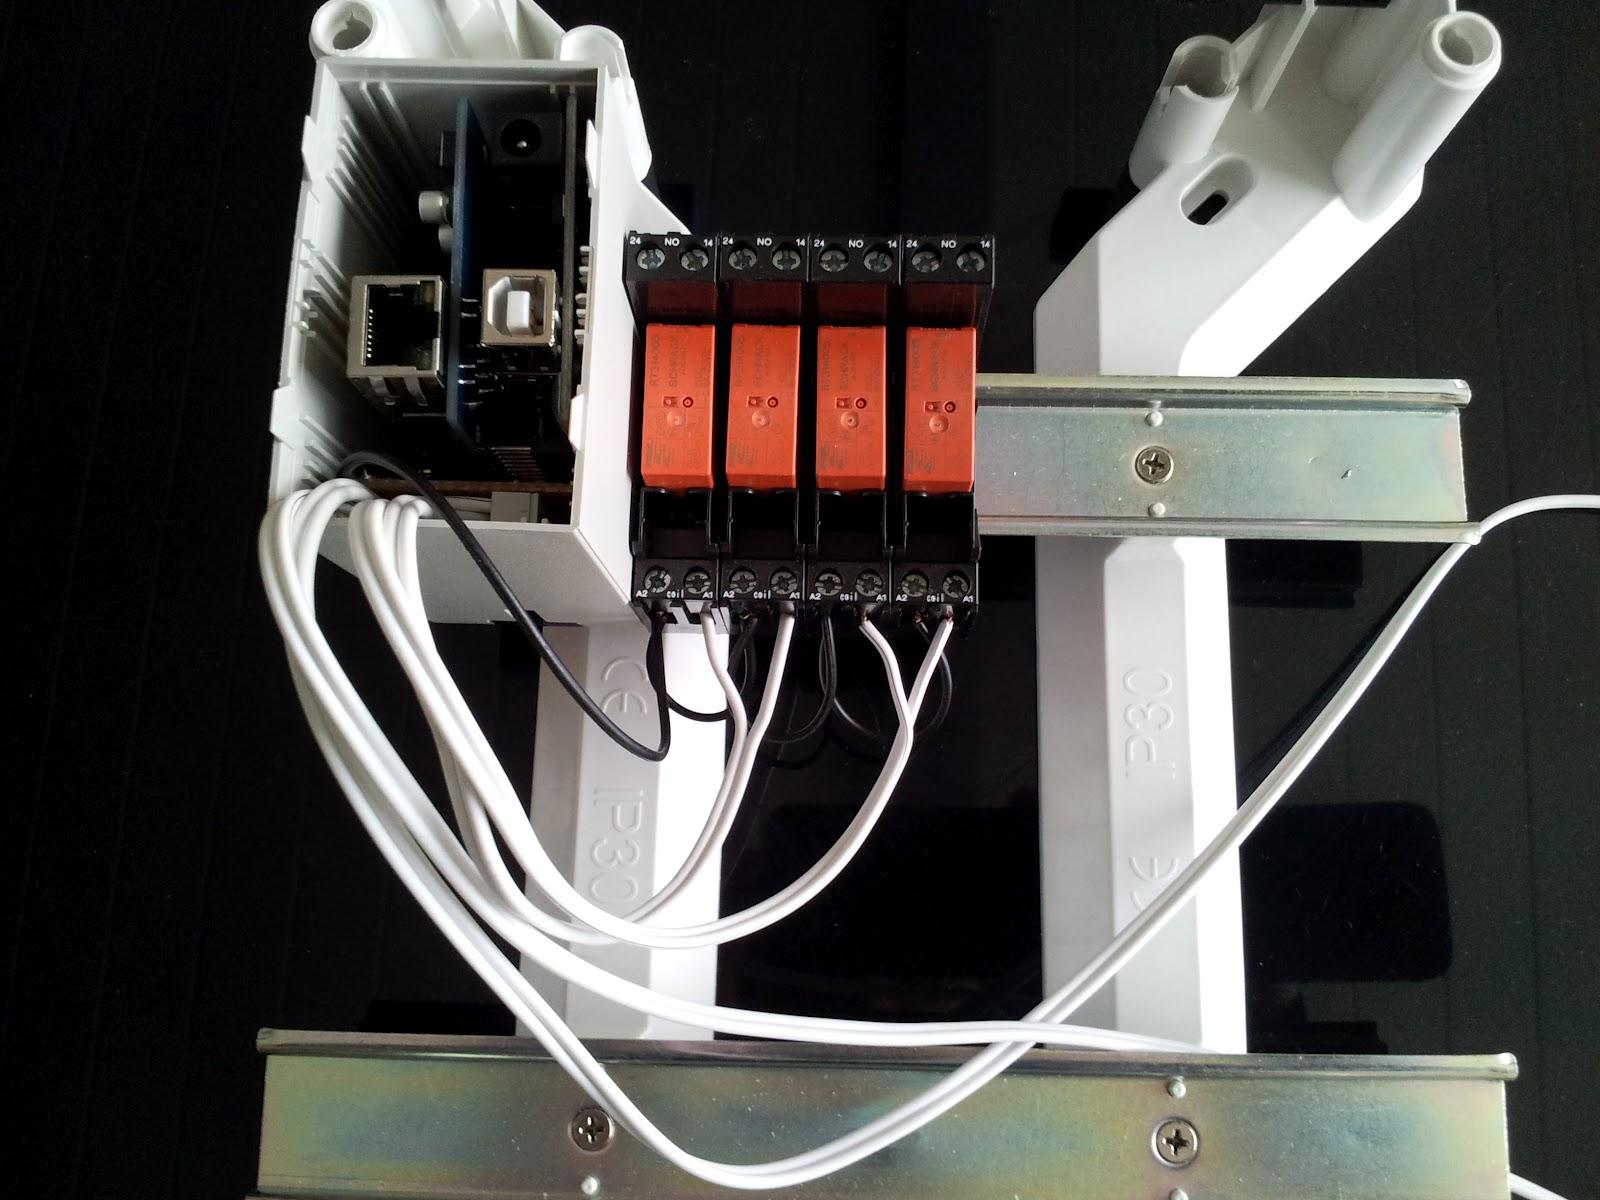 Extrêmement Domogy, La domotique expliquée simplement!: Système de commande  UD97